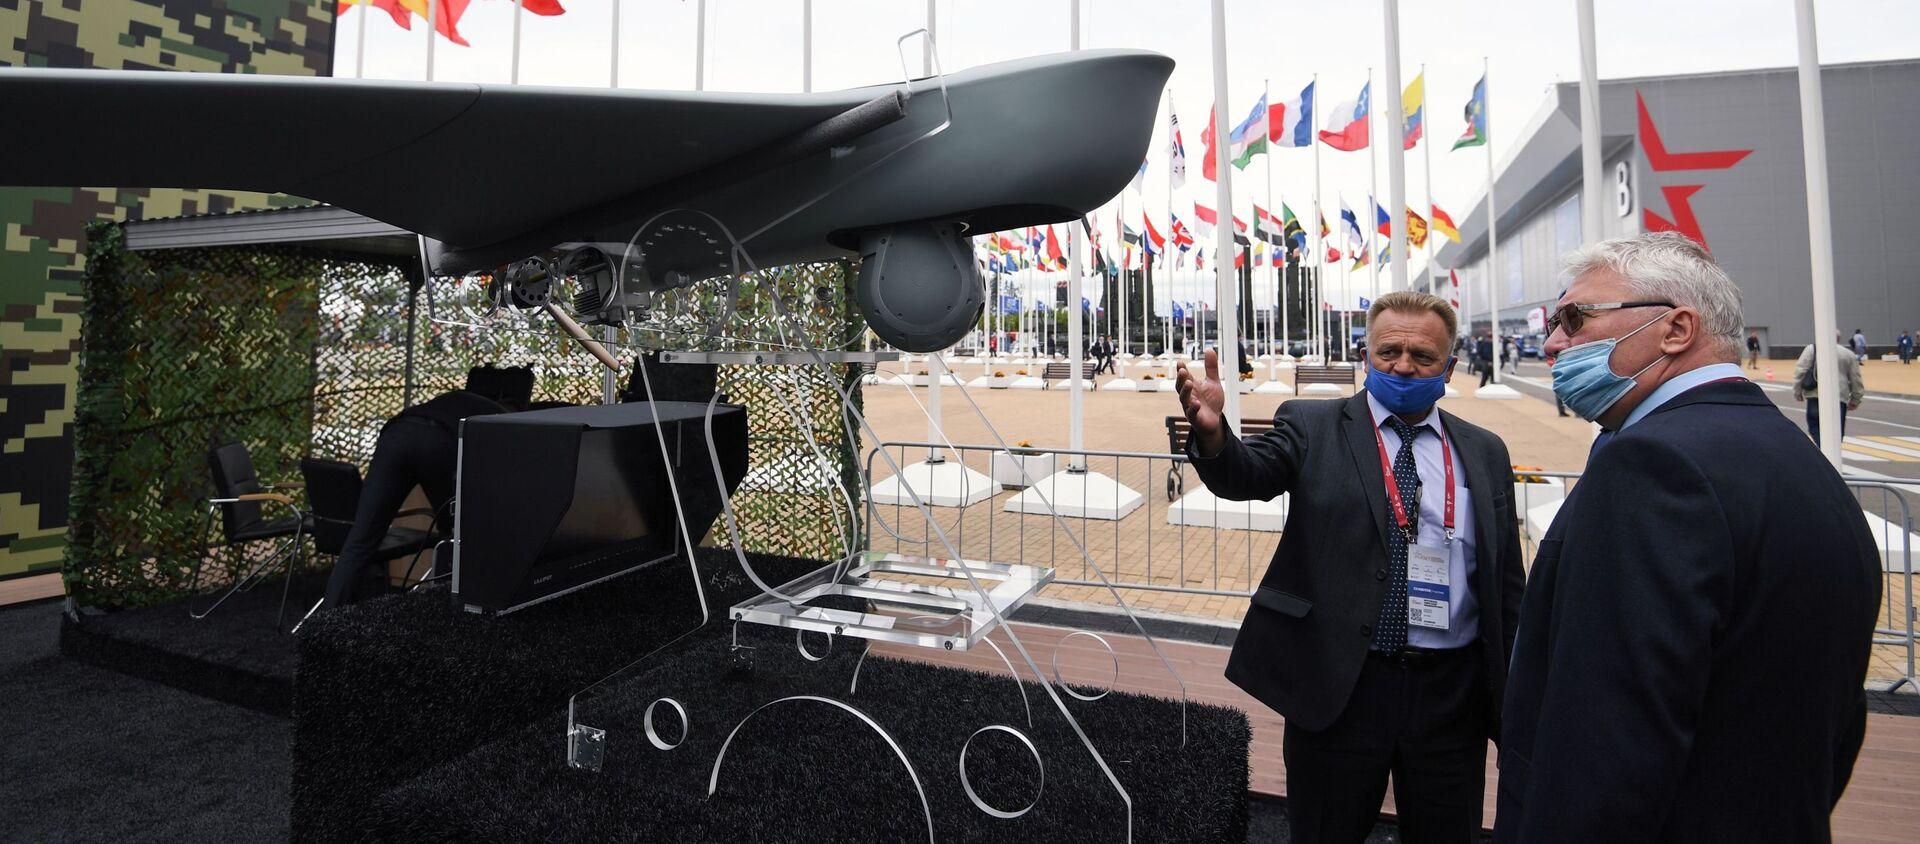 Khách tham quan triển lãm vũ khí của Diễn đàn Kỹ thuật-Quân sự Quốc tế (IMTF) Army-2020 tại công viên quân sự-yêu nước Patriot - Sputnik Việt Nam, 1920, 03.12.2020